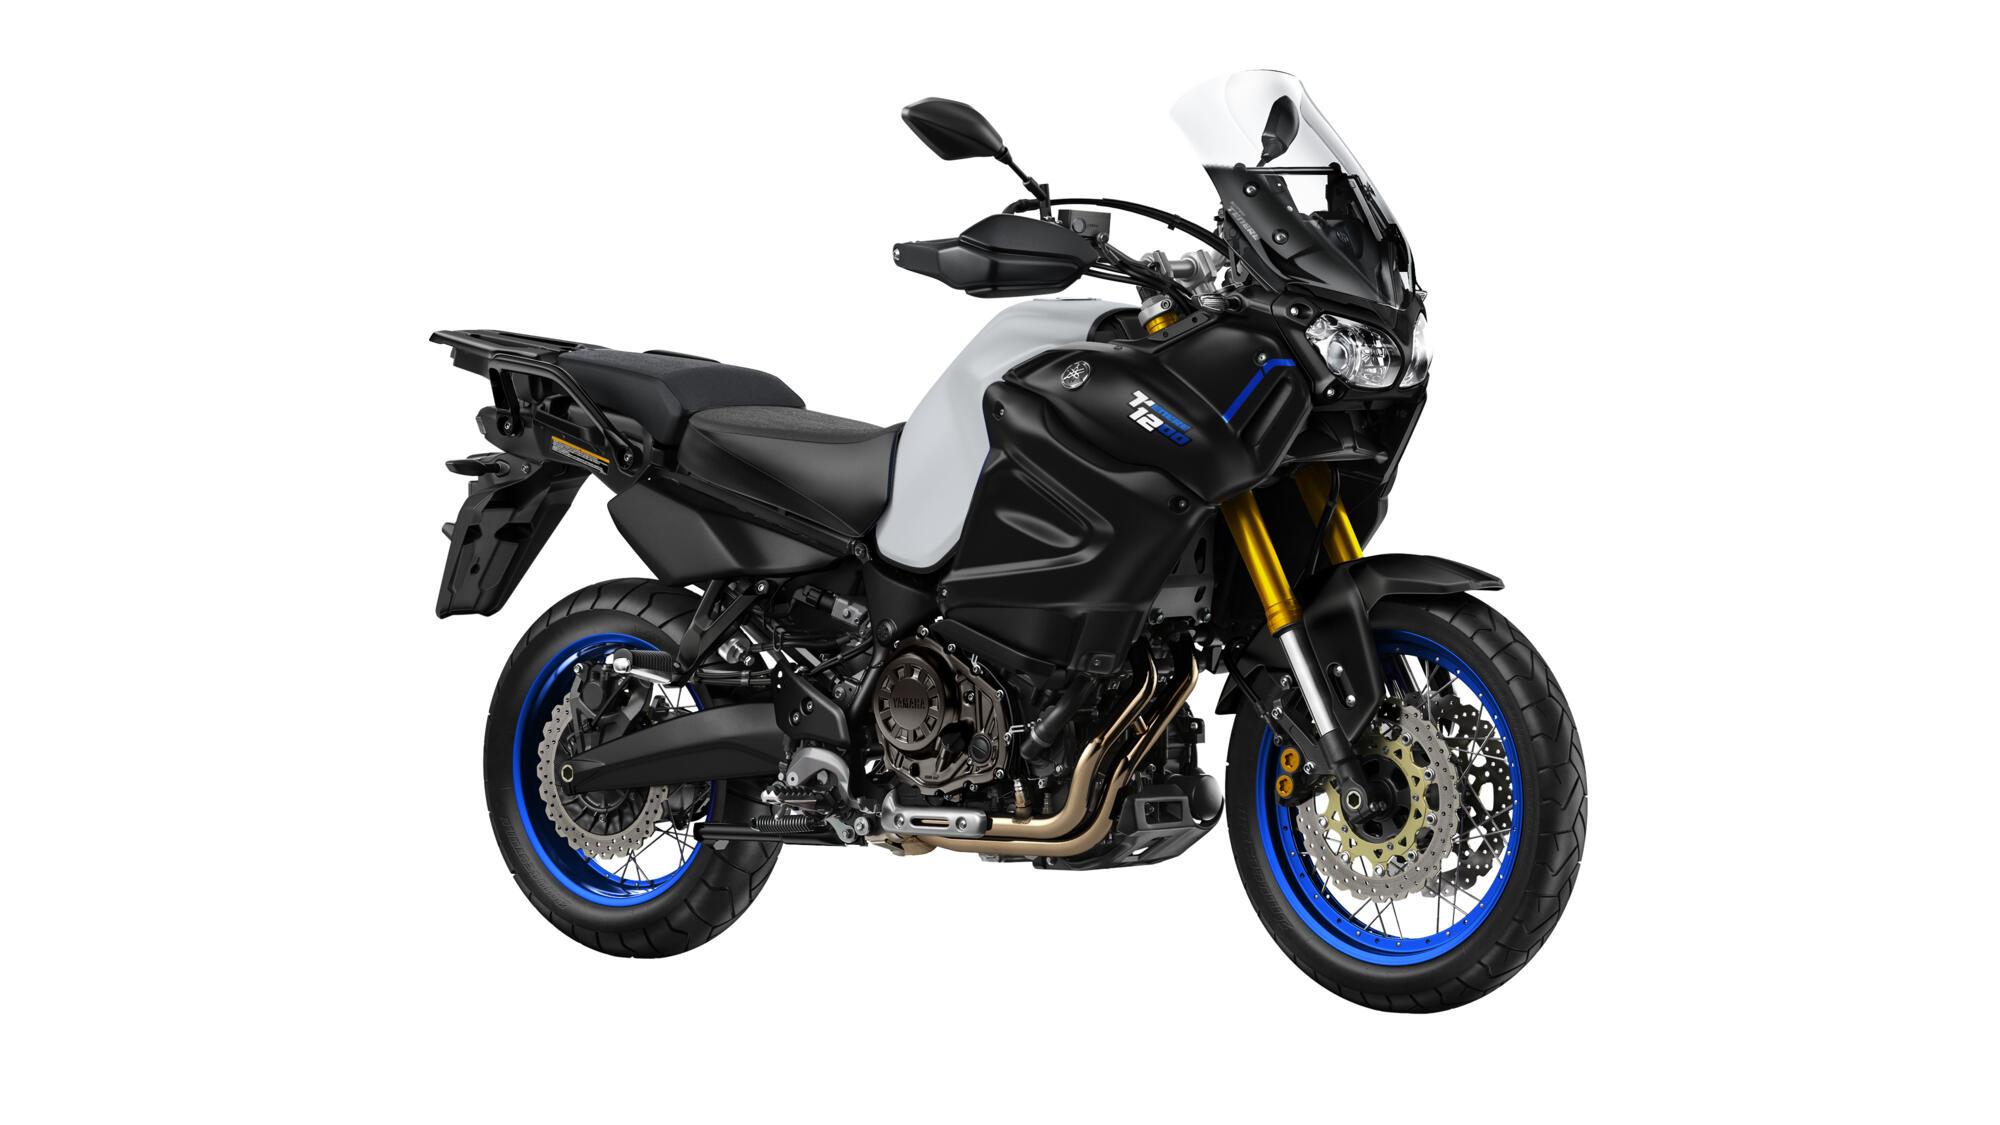 2019-Yamaha-XTZ1200E-EU-Ice_Fluo-Studio-001-03